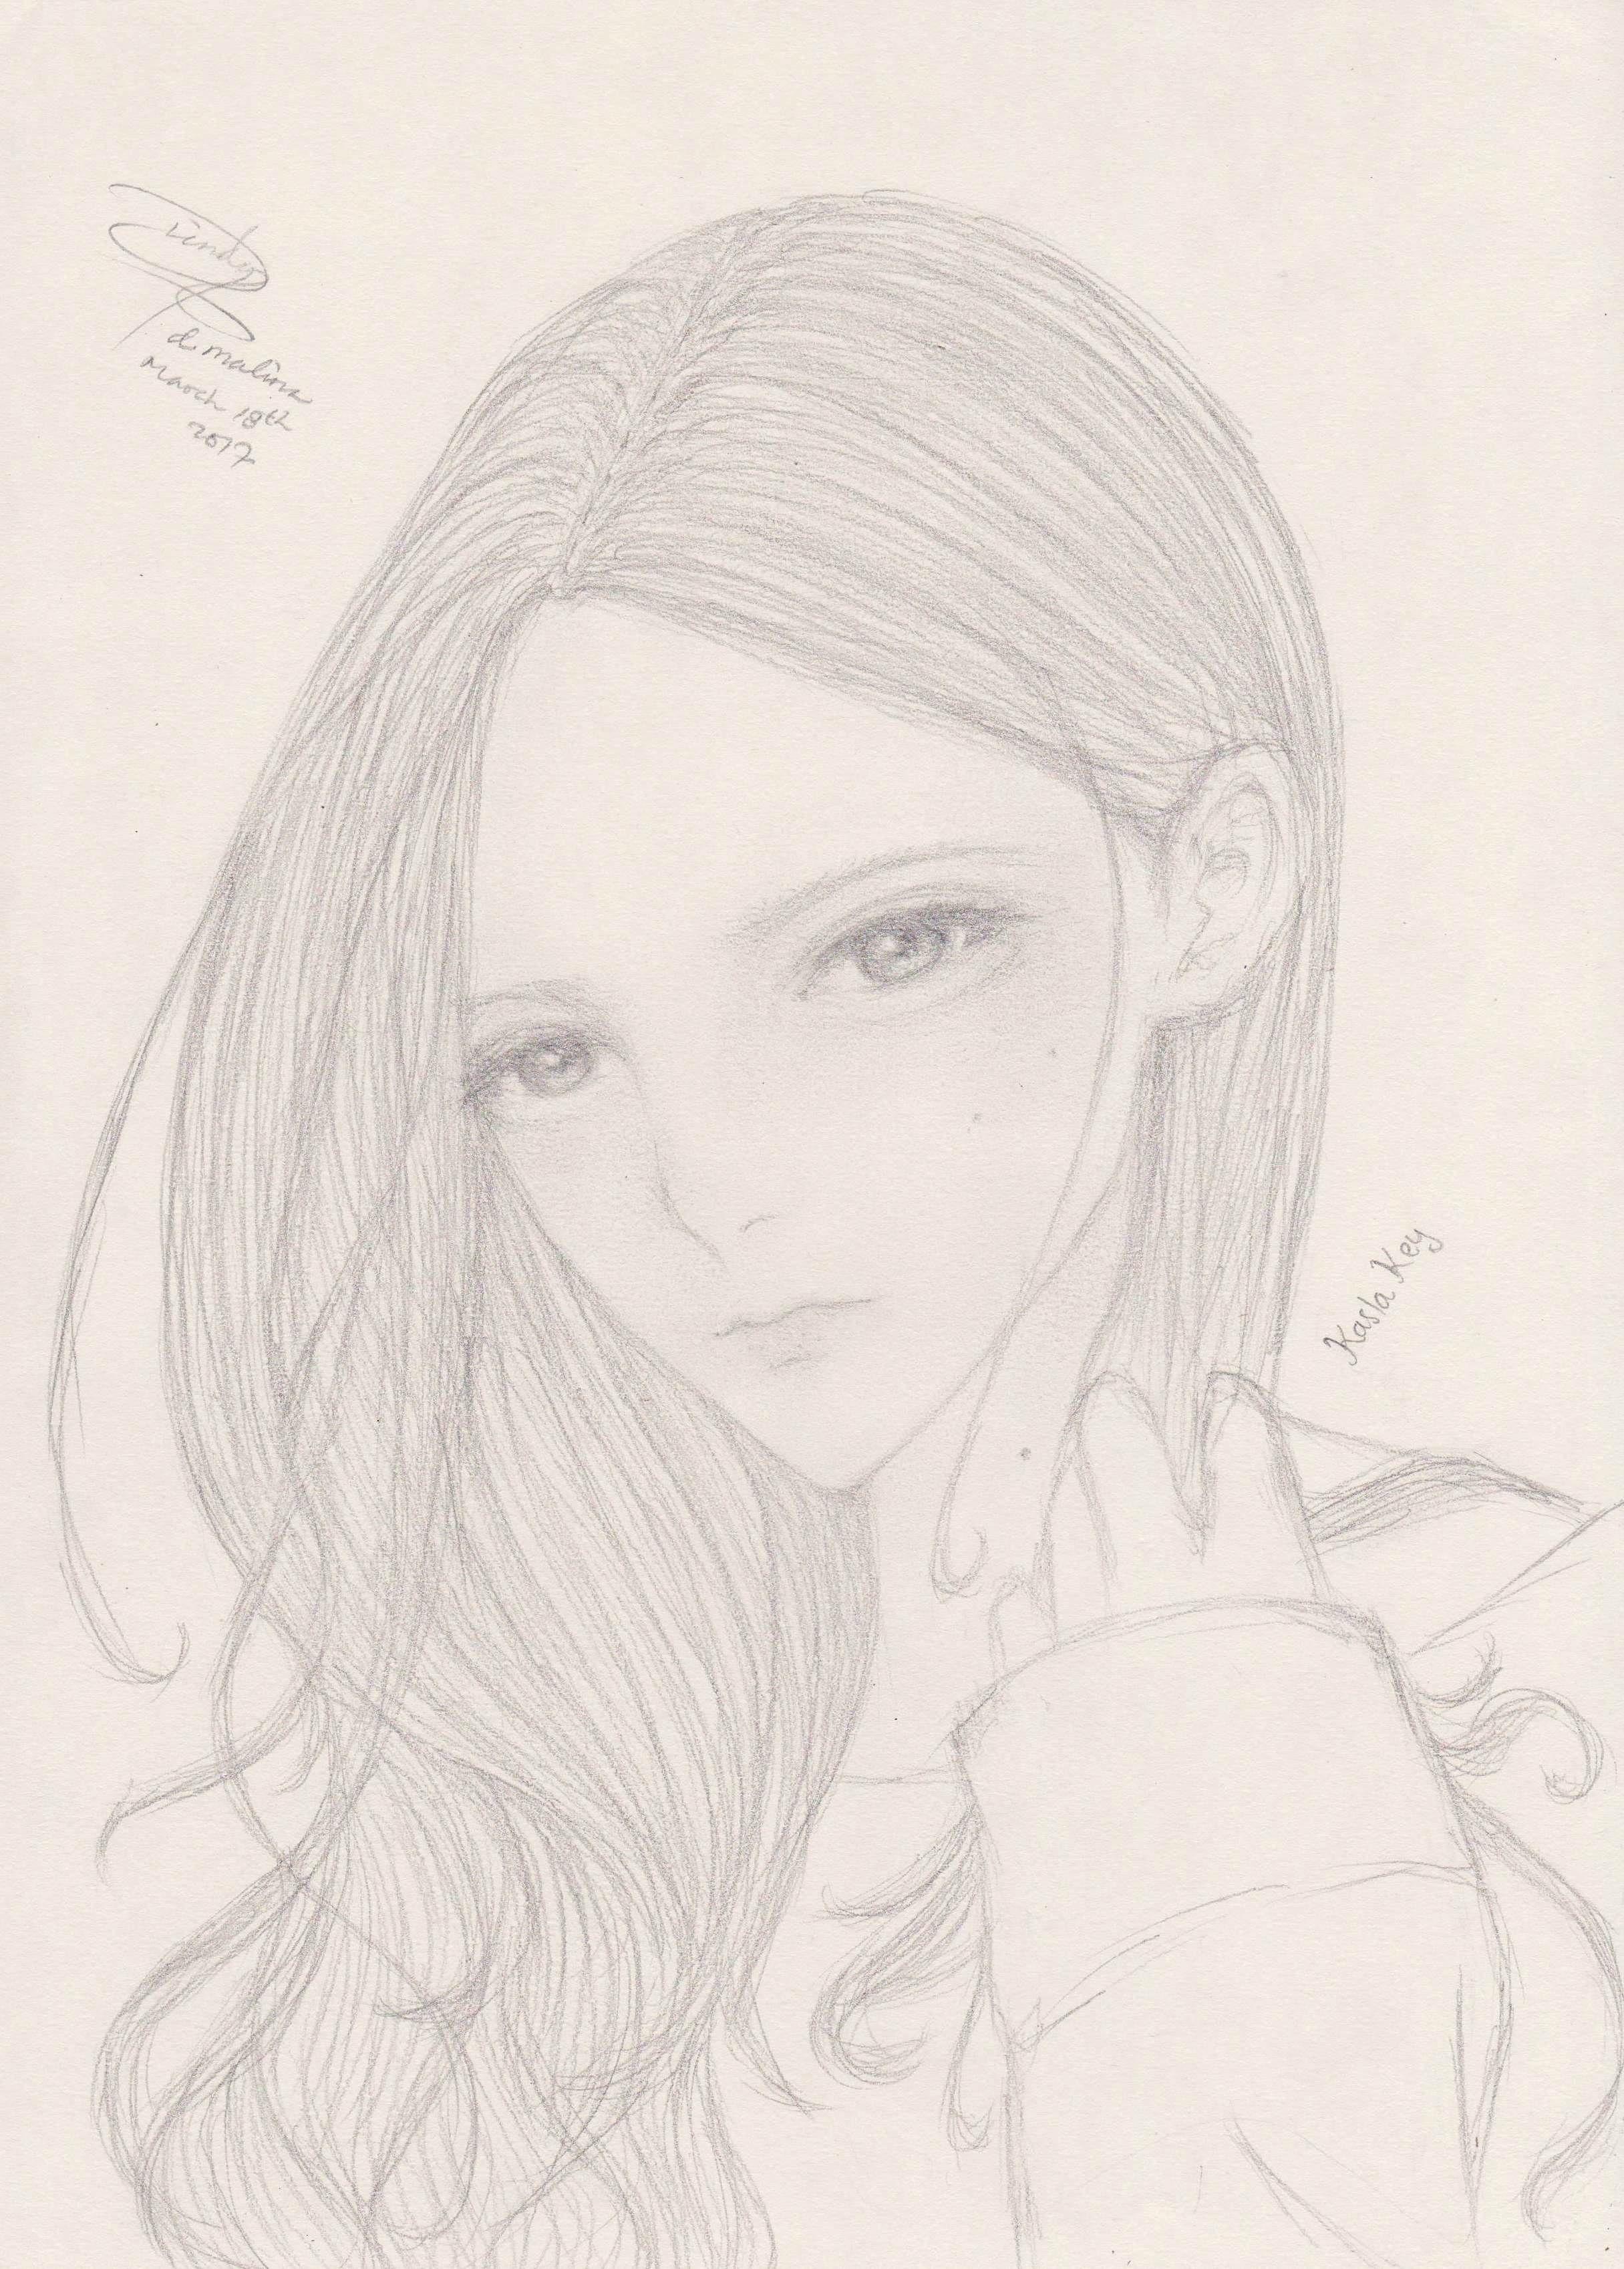 character, girl, manga, non-anime